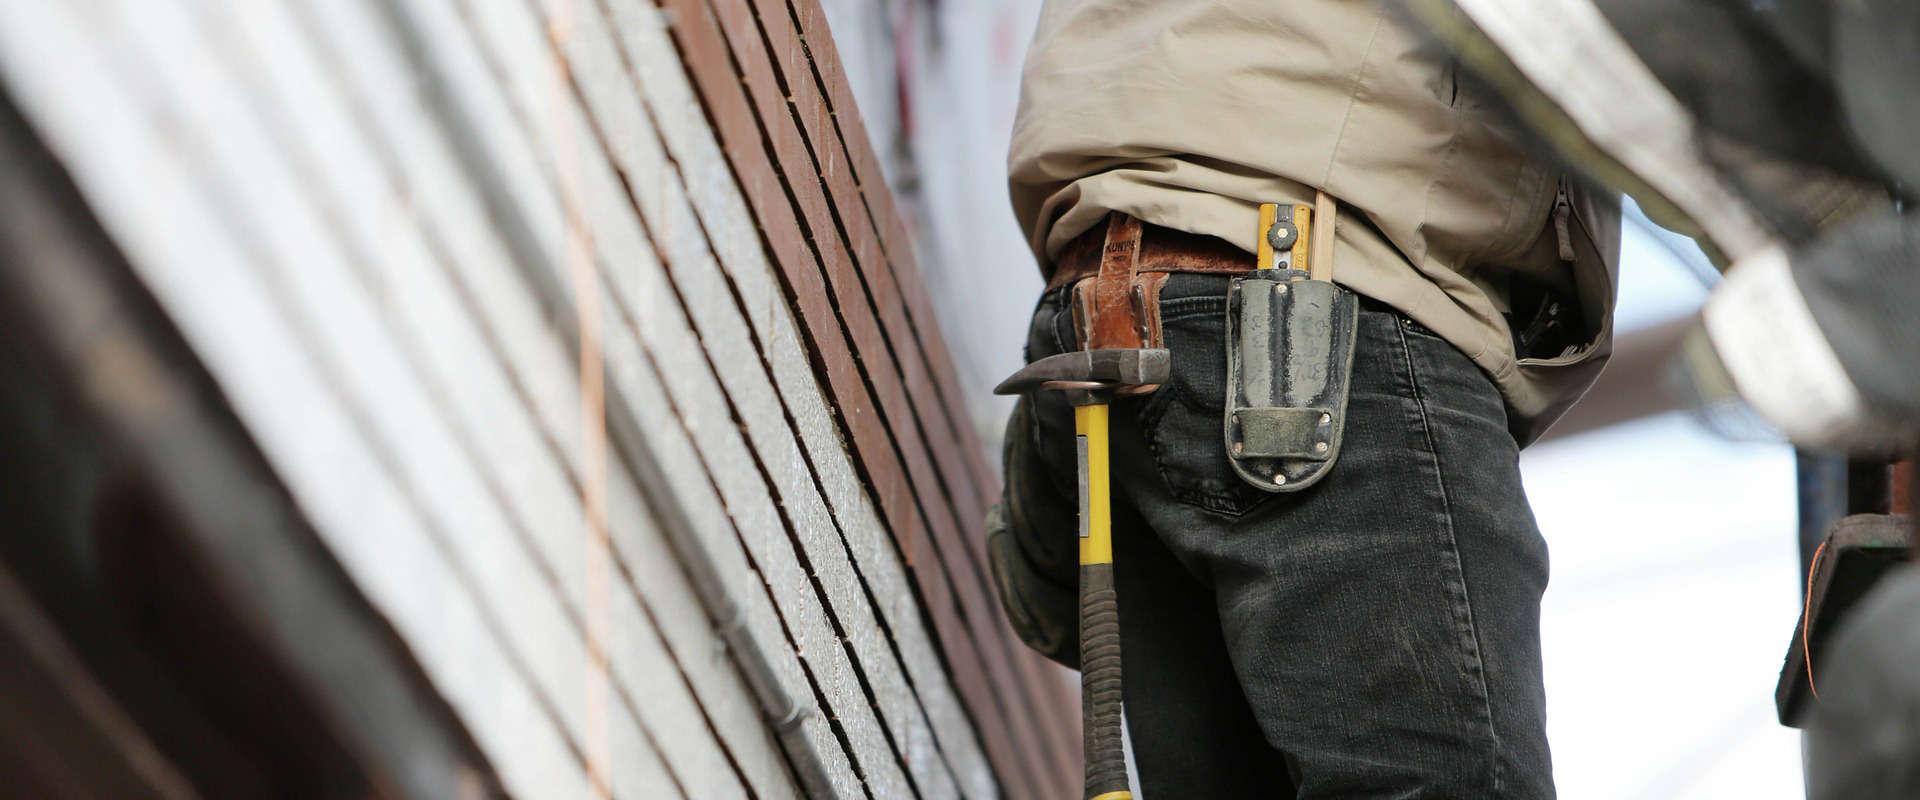 Prix pour travaux de rénovation au Québec